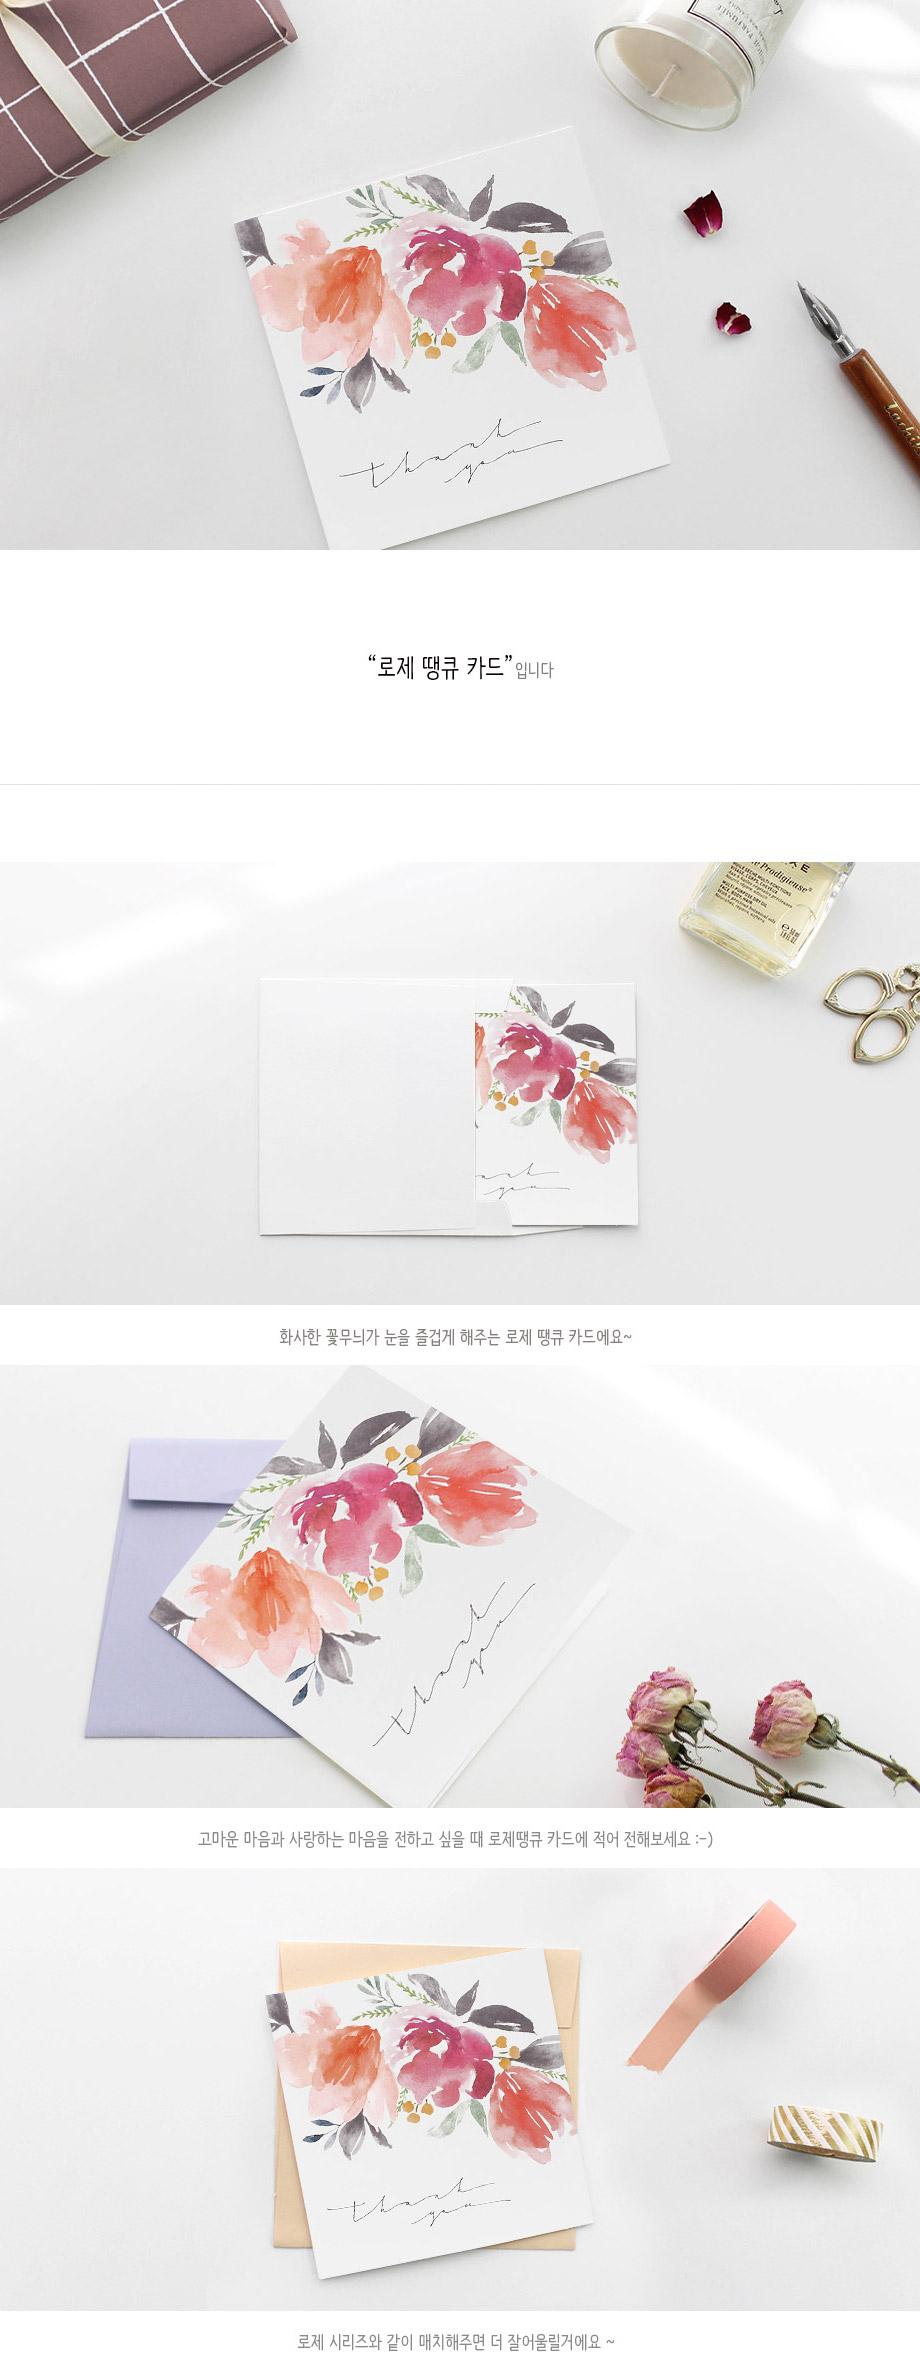 로제 땡큐 카드 - 헬로우모리스, 1,300원, 카드, 사랑/고백 카드